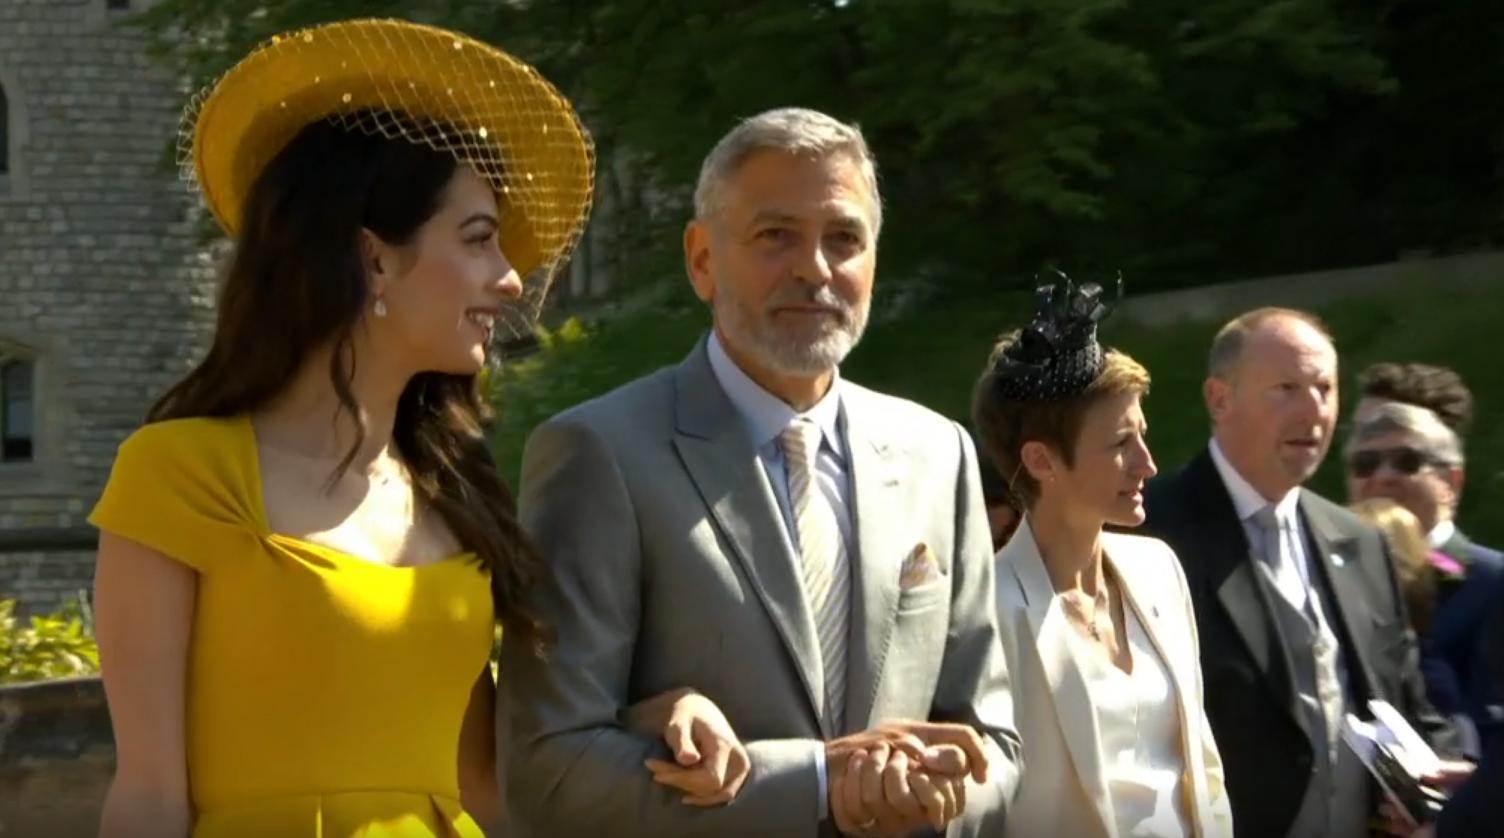 VAKKER PAR: Amal og George Clooney er på plass i Windsor.